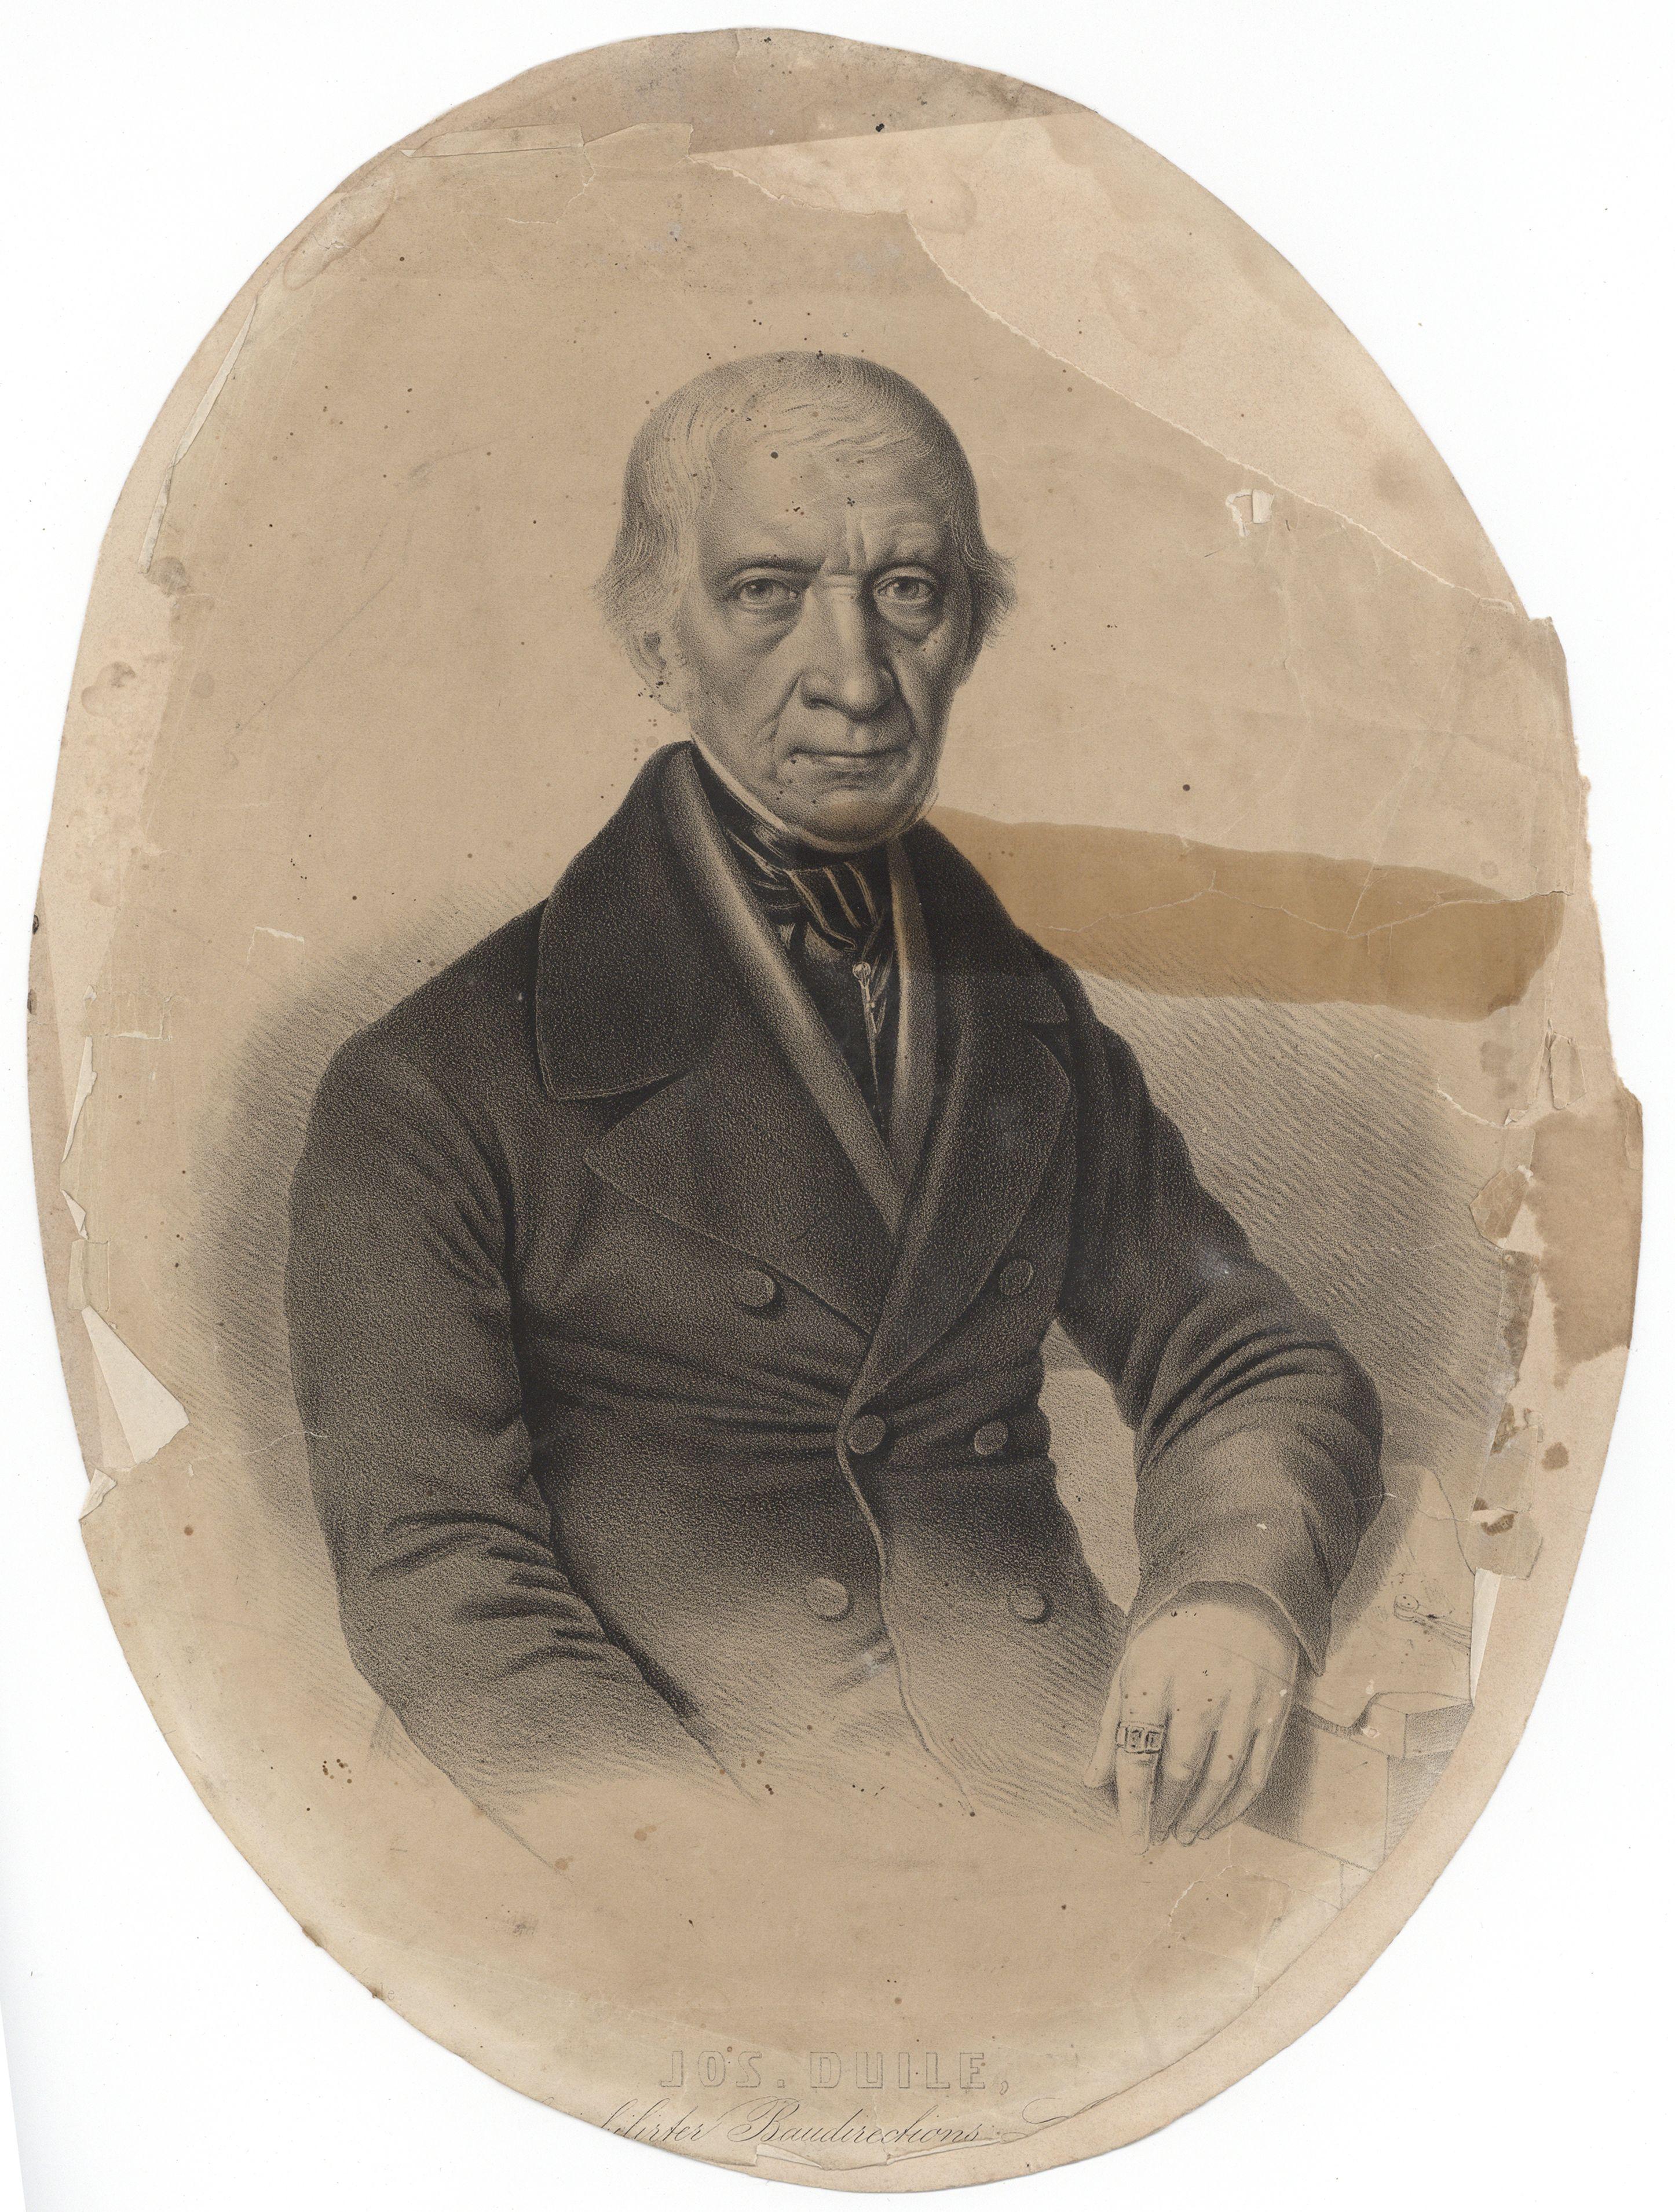 Josef Duile